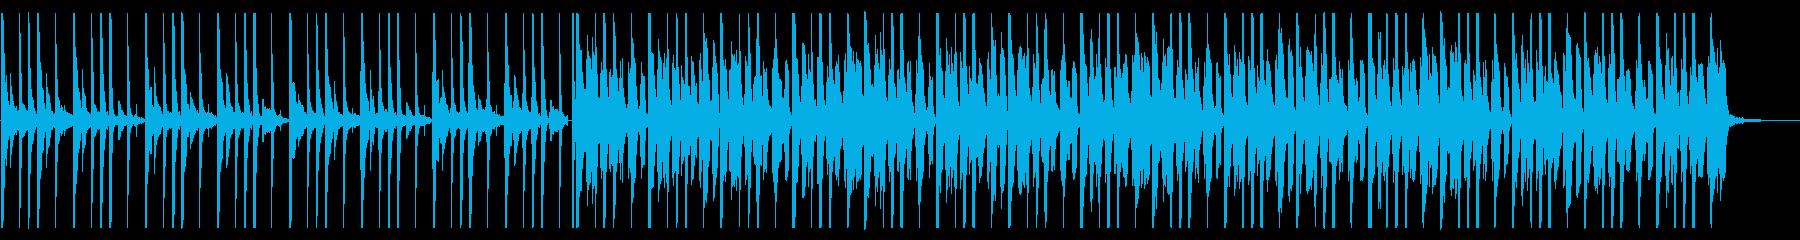 コミカルなファンク_No691_2の再生済みの波形